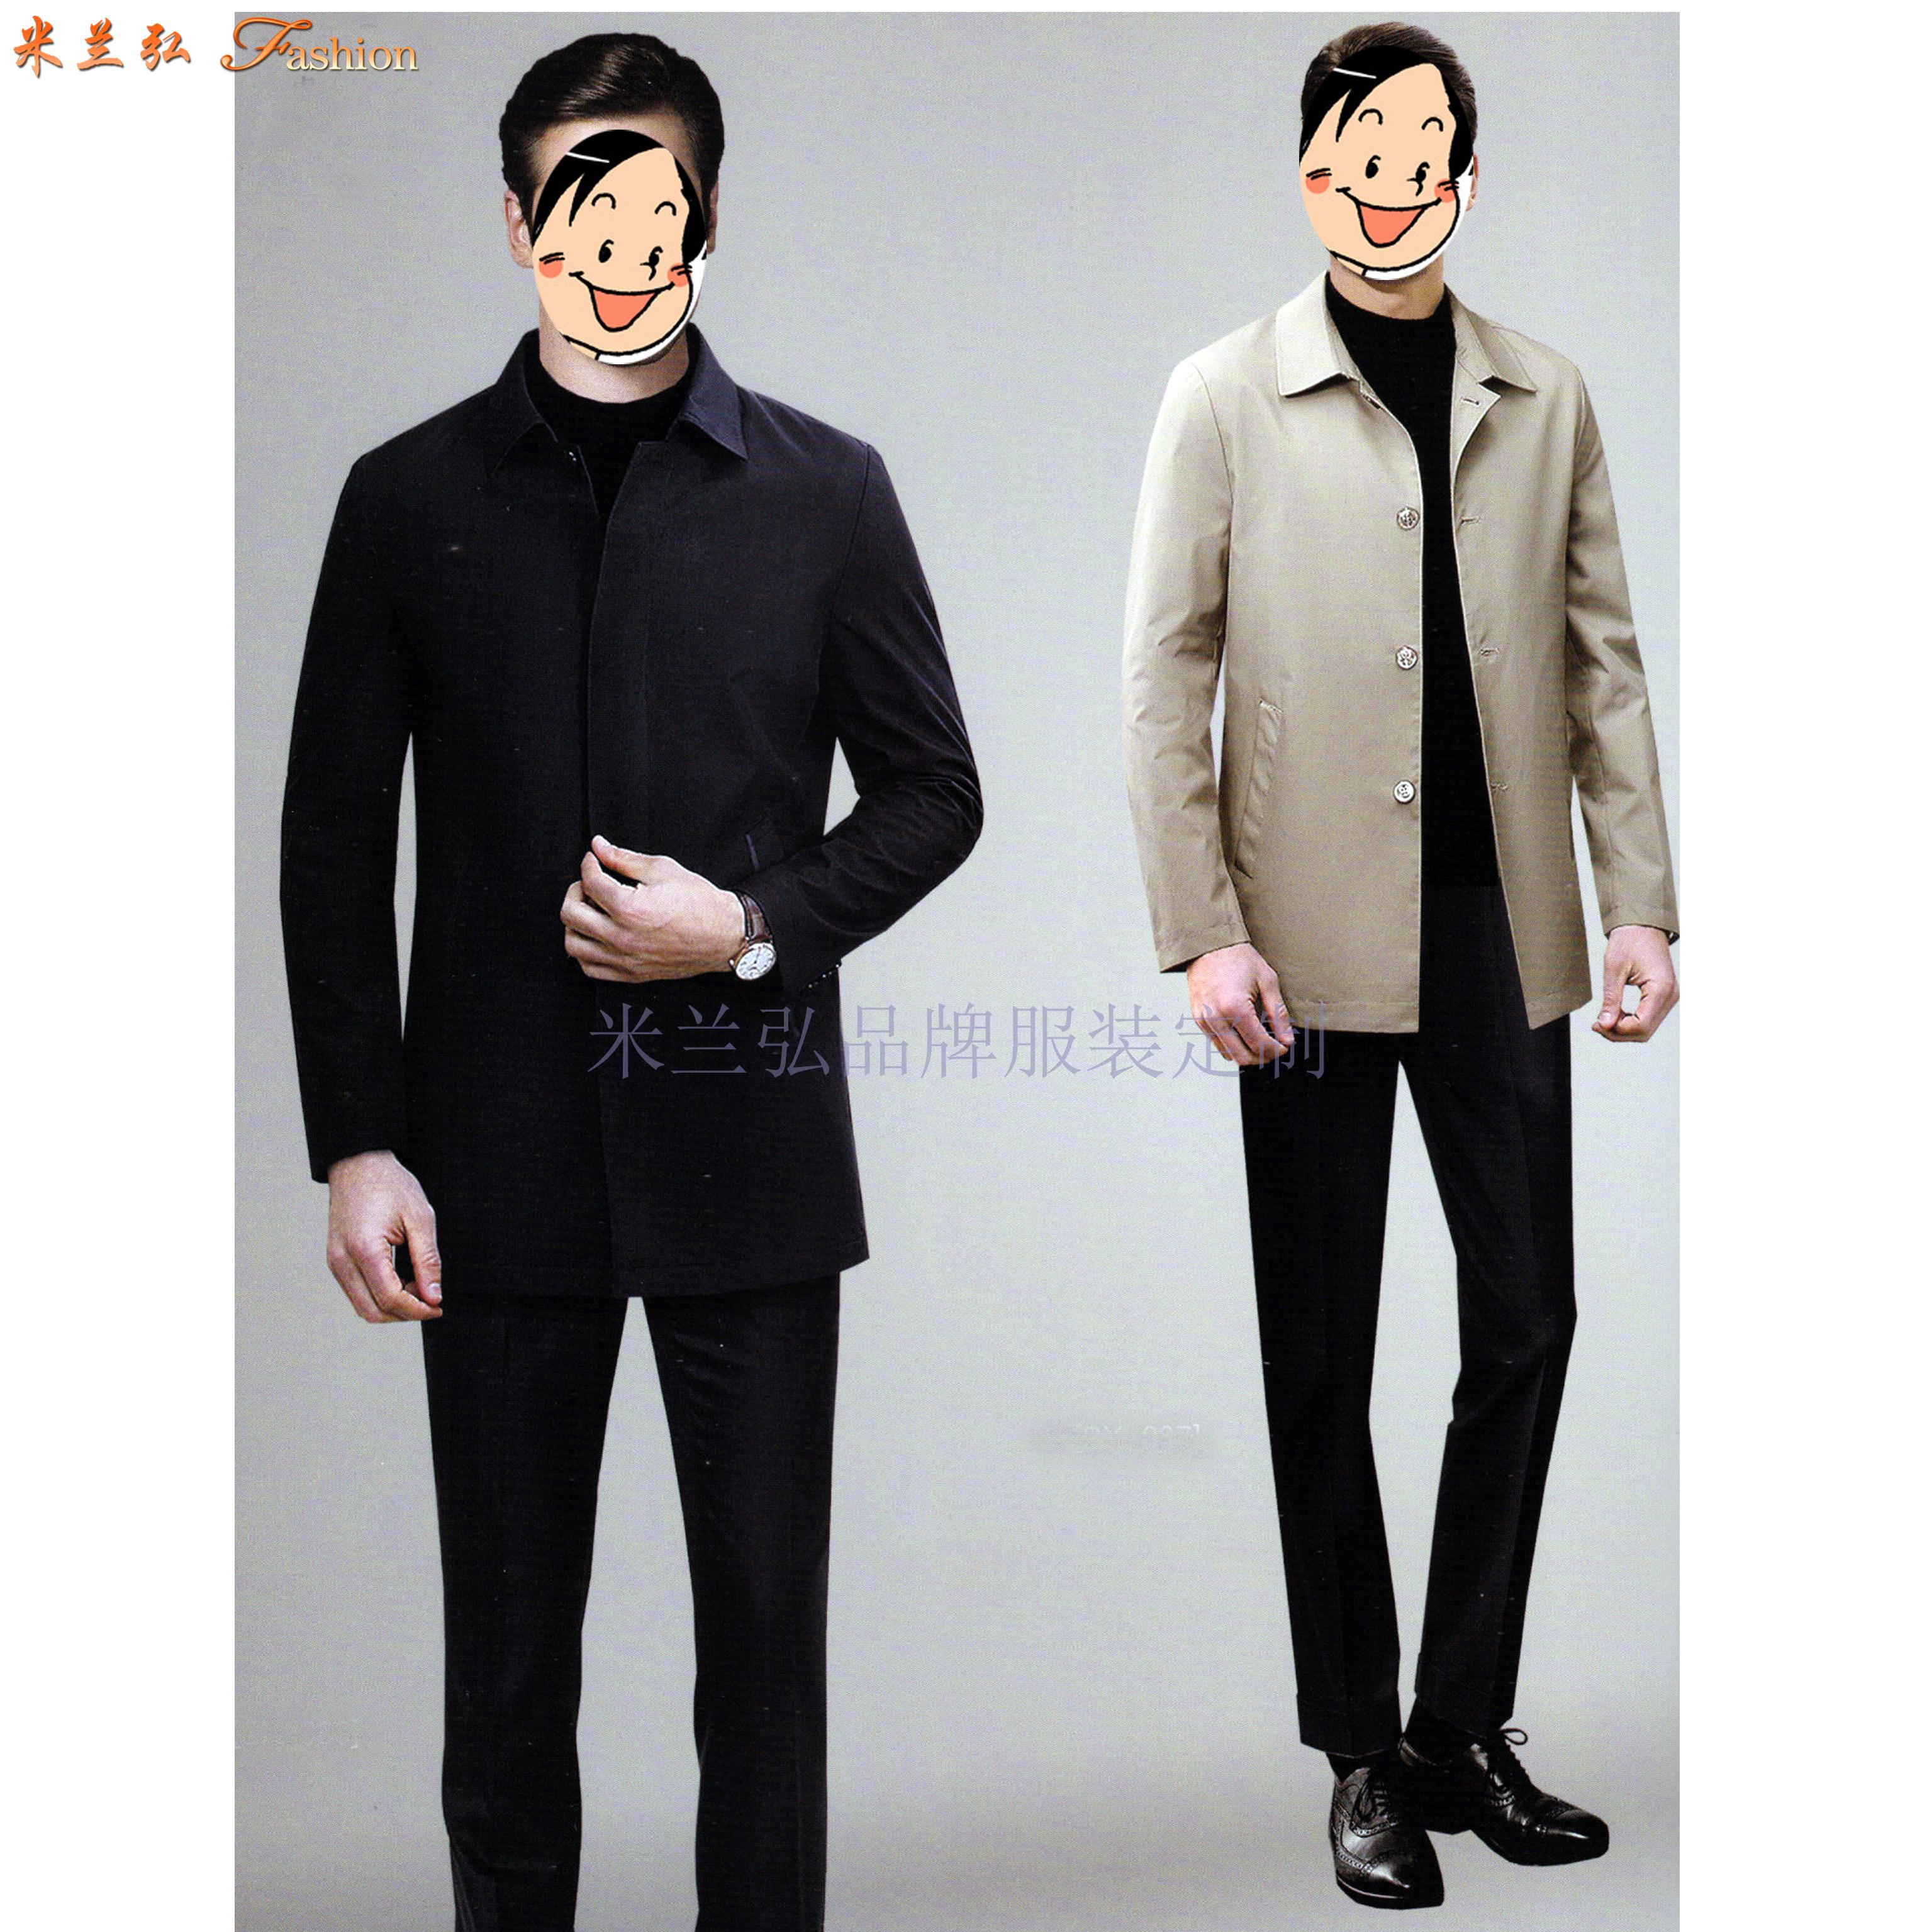 商務夾克定制-定做藏藍色羊毛正裝夾克-米蘭弘服裝-4